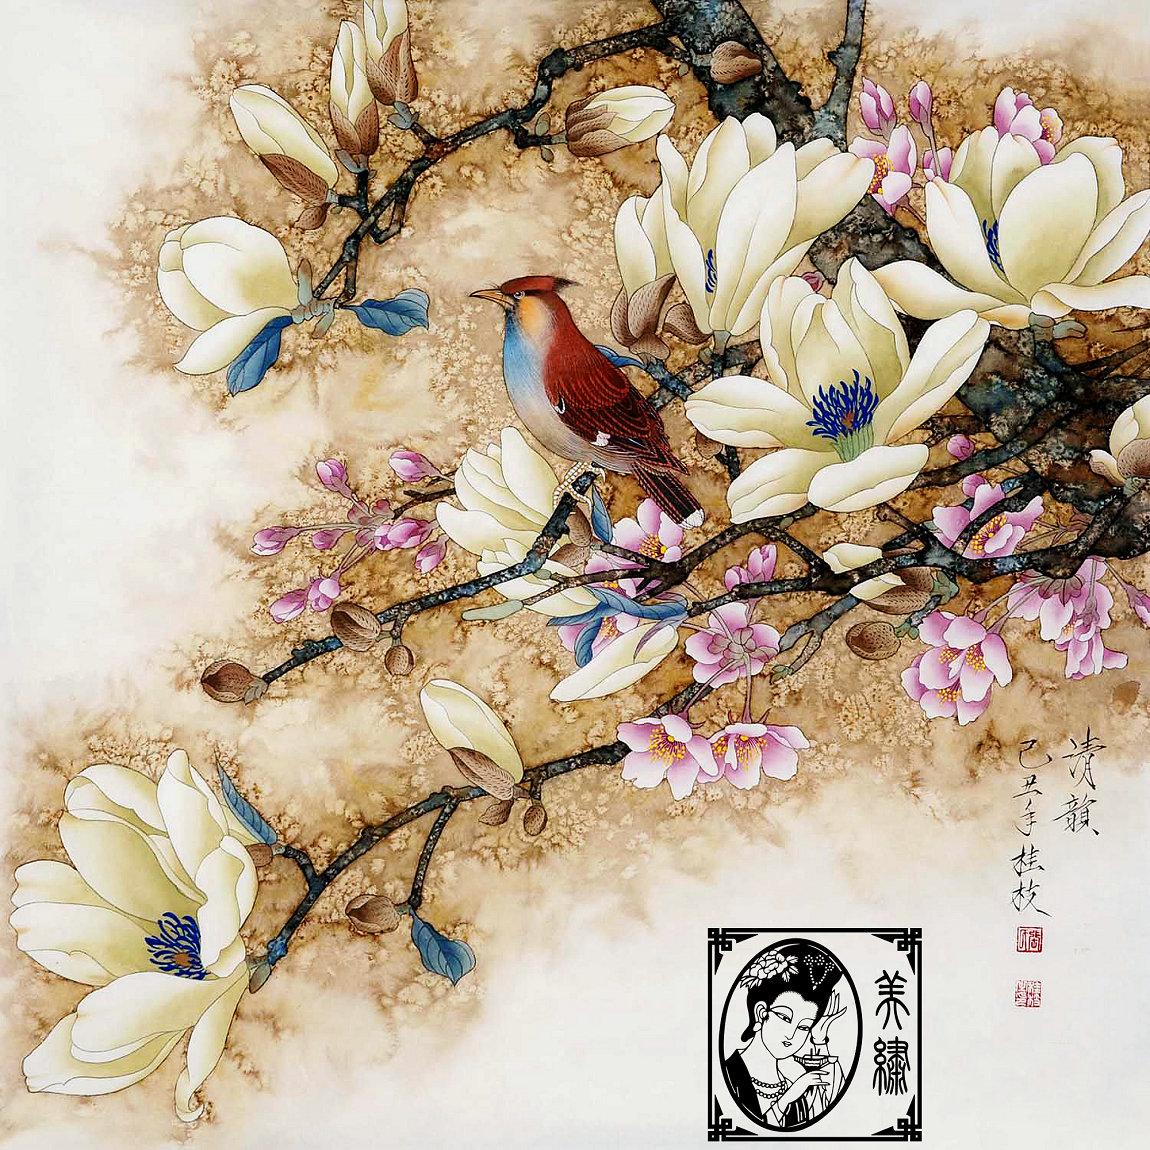 Вышивка бутик красоты DIY начинающих Бесплатные базовые вышивки, Сучжоу Вышивка Вышивка люкс Магнолия птица